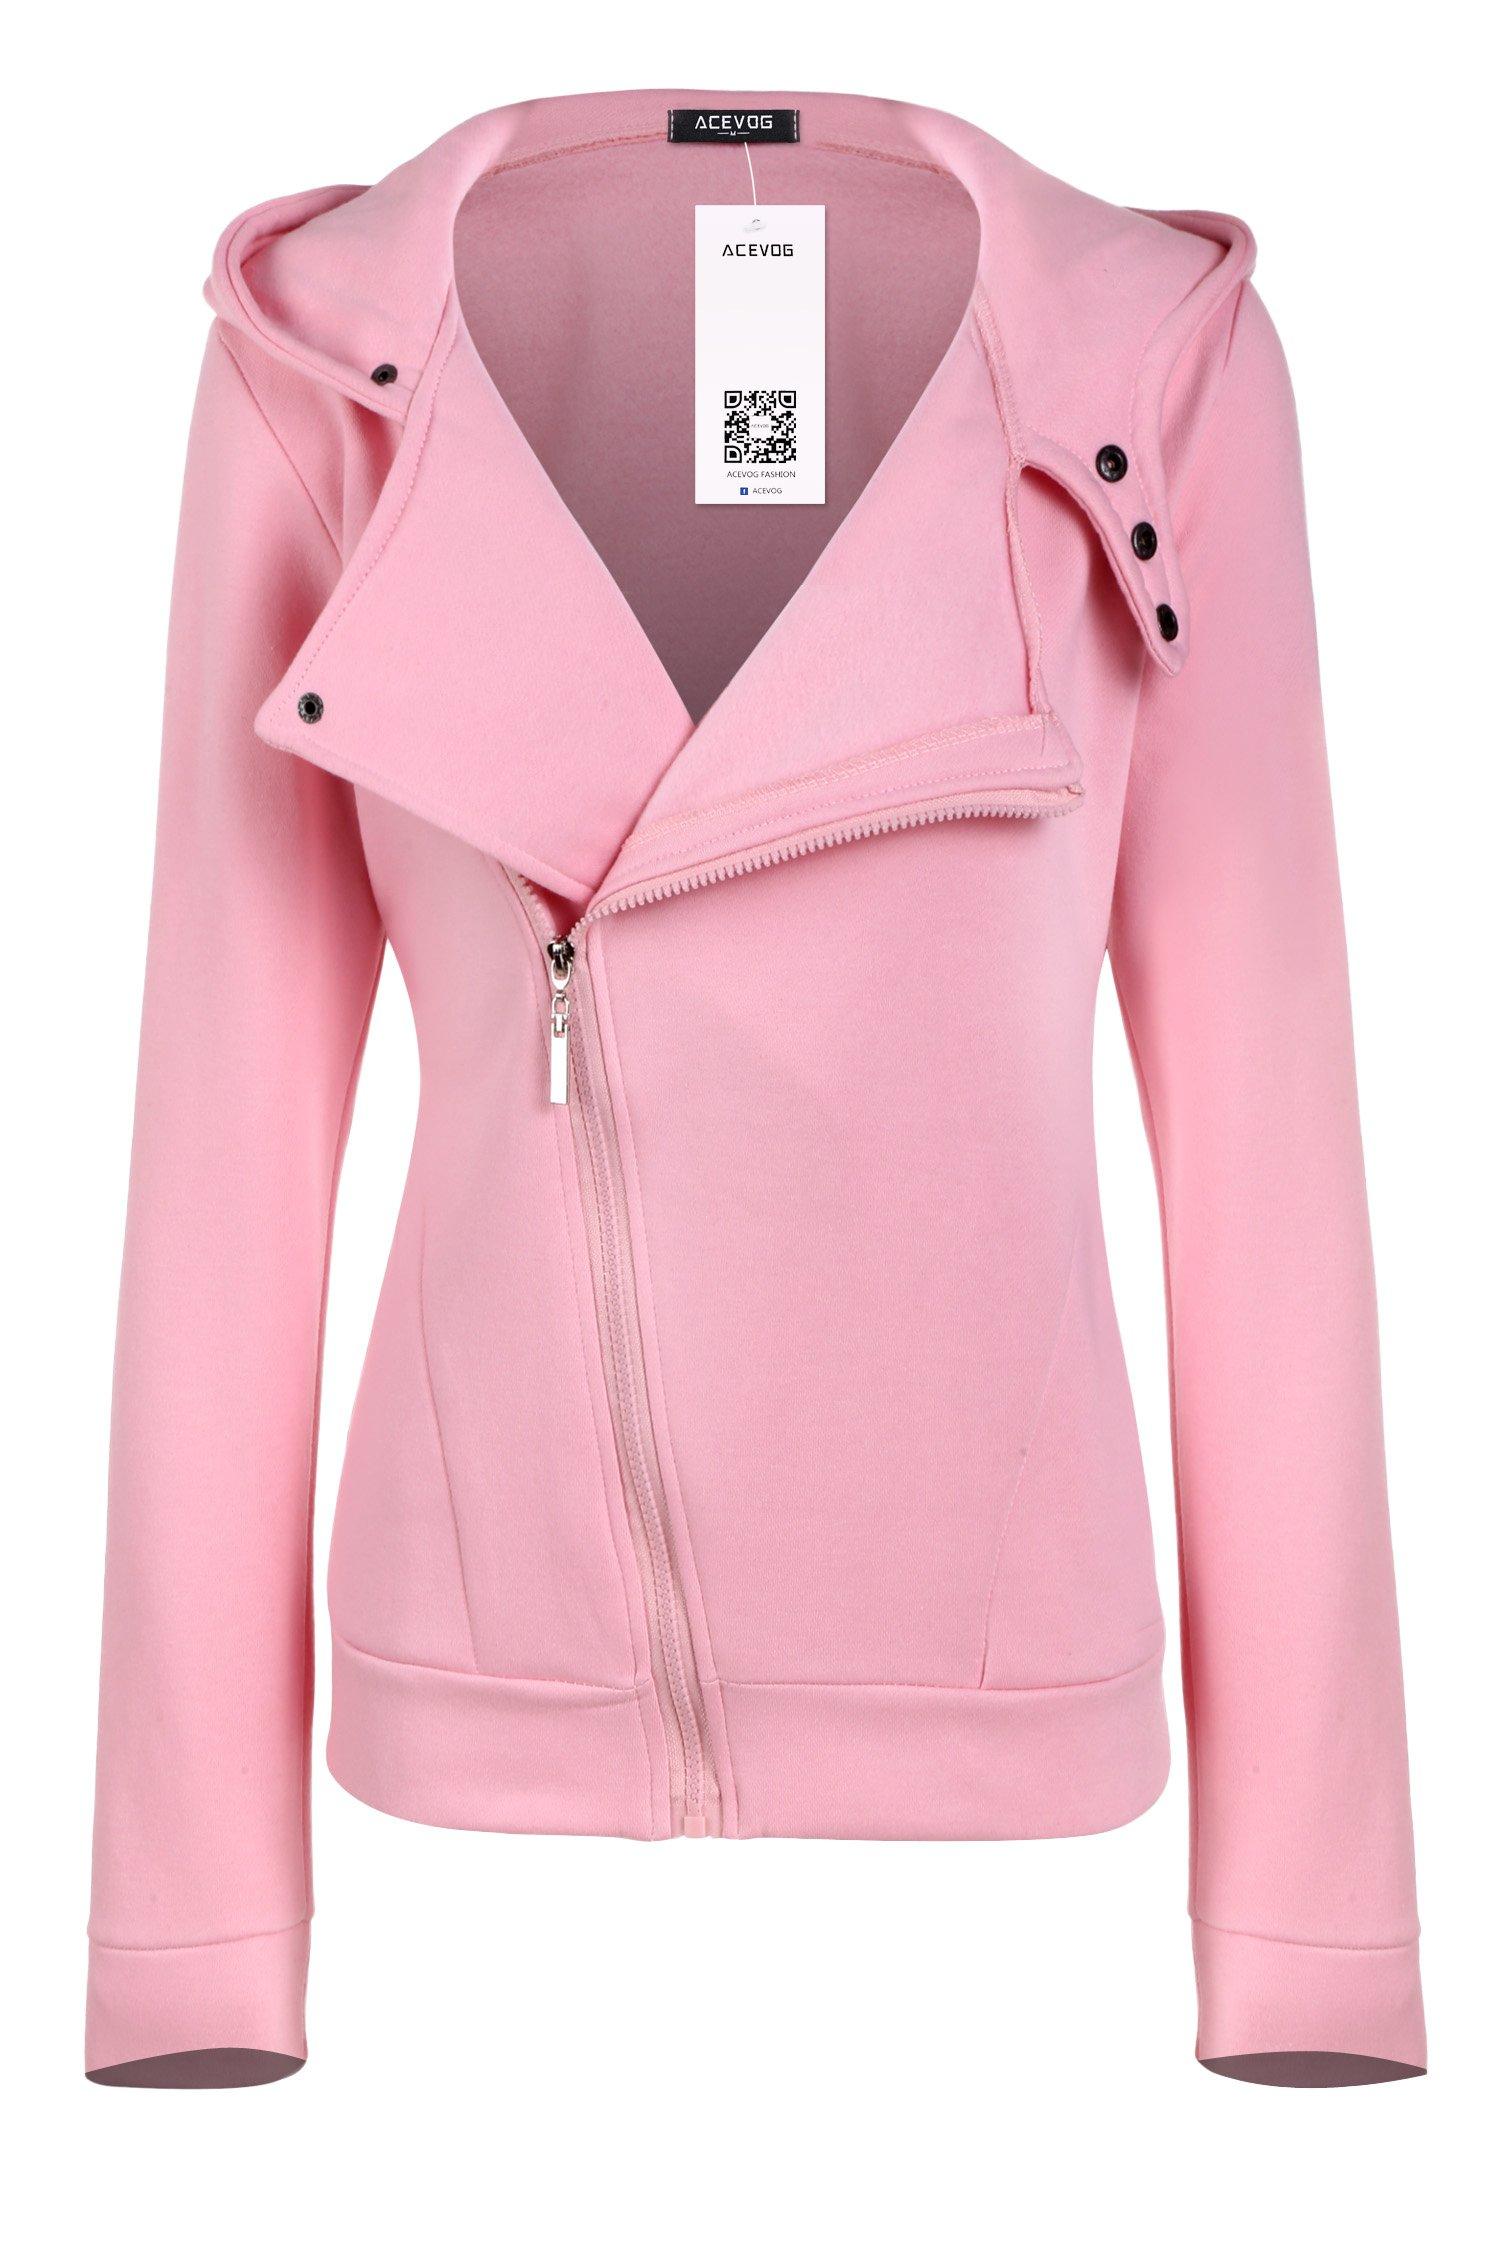 HAPLICA Fleece Zip-up Hoodie High Neck Jacket Women